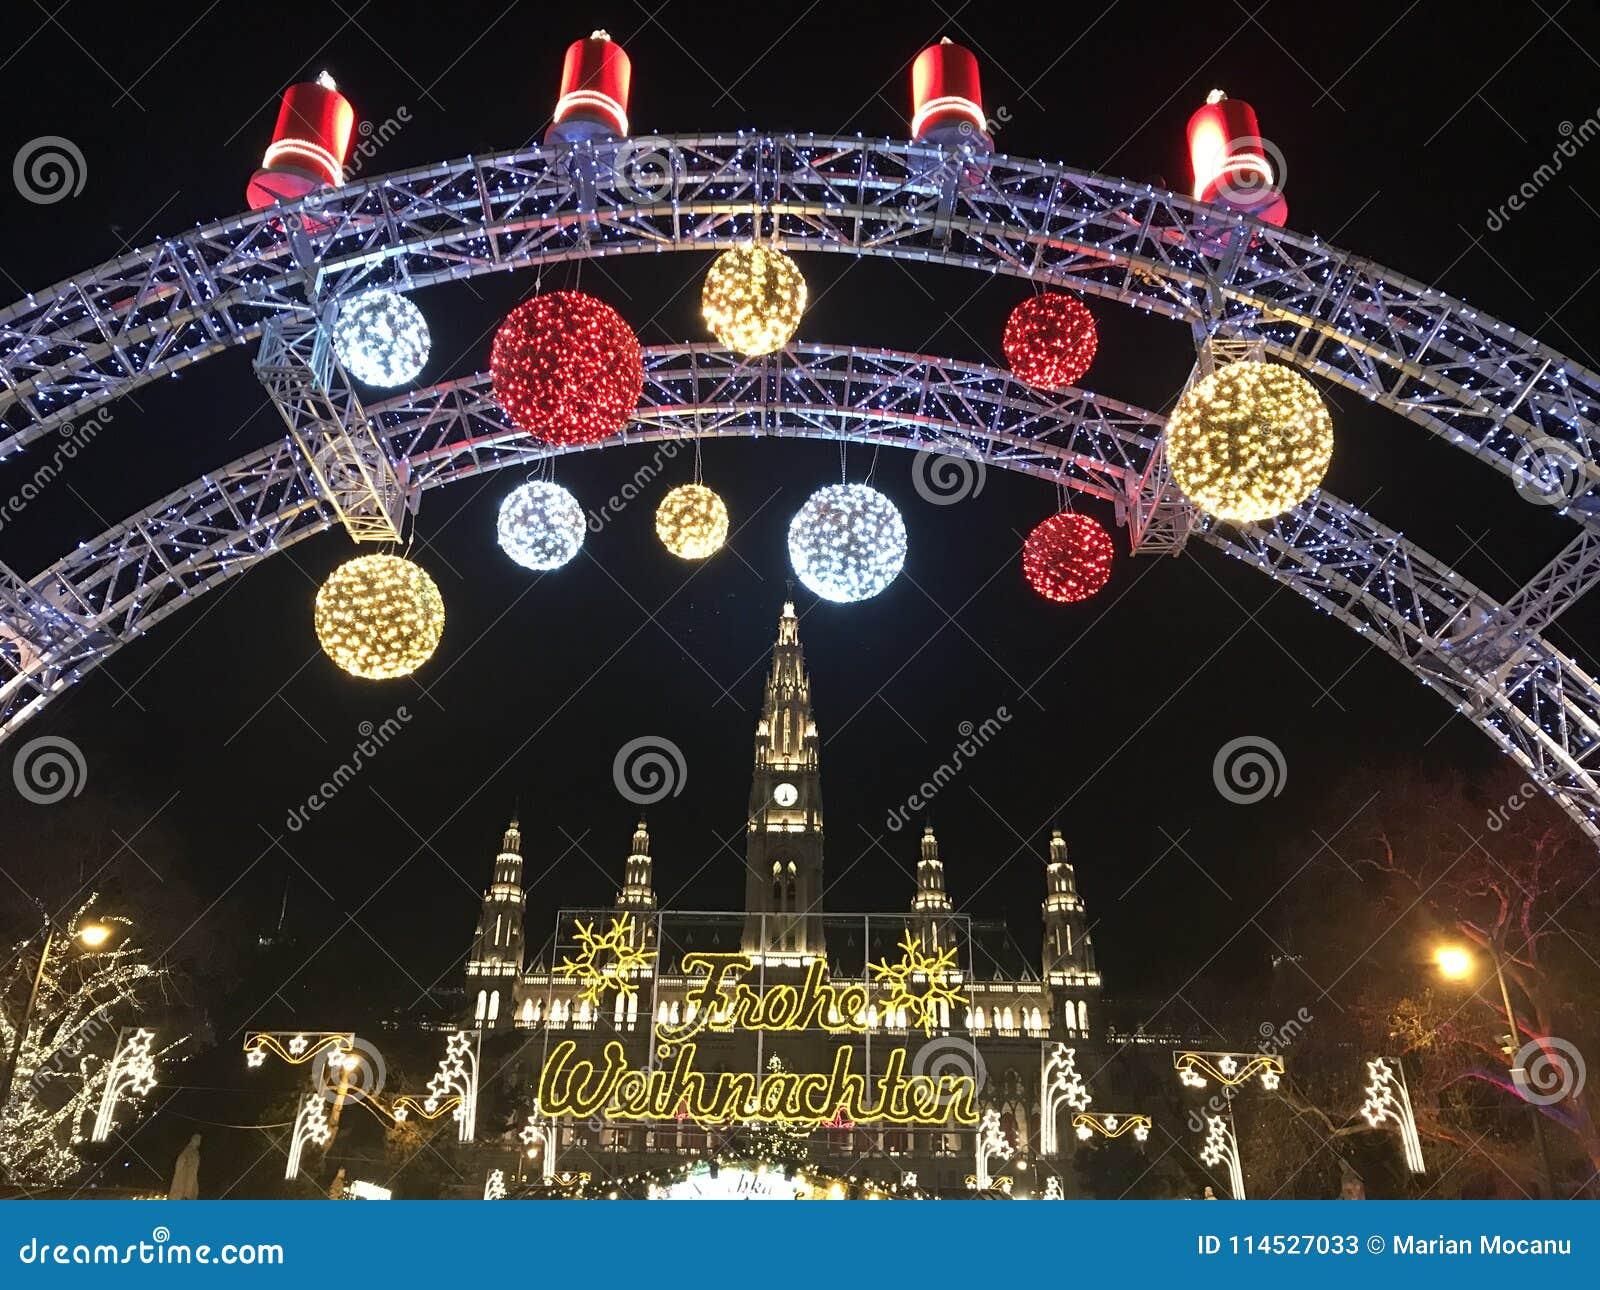 Marché de Noël à Vienne, Autriche